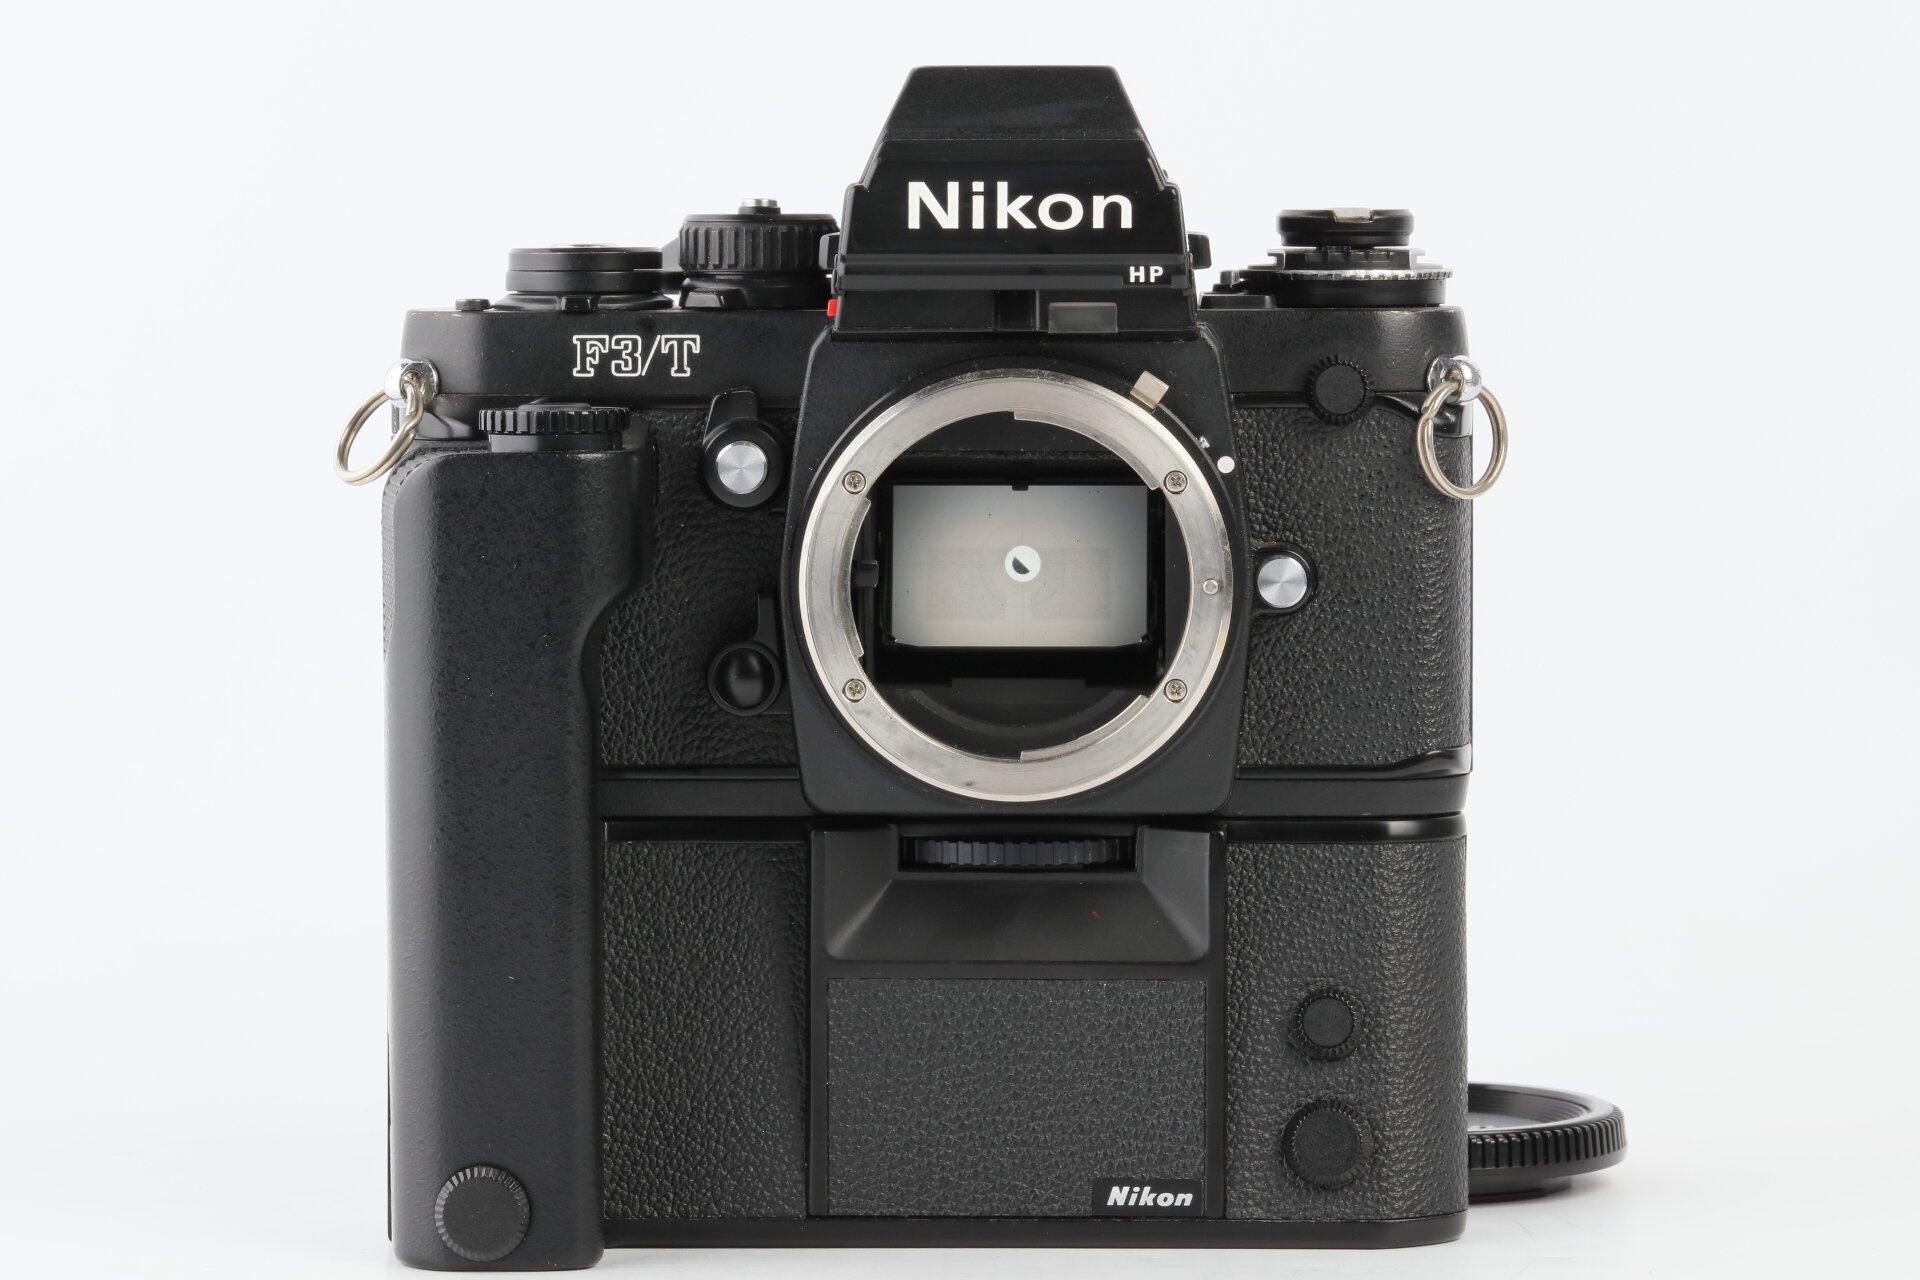 Nikon F3/T HP Gehäuse schwarz mit MD 4